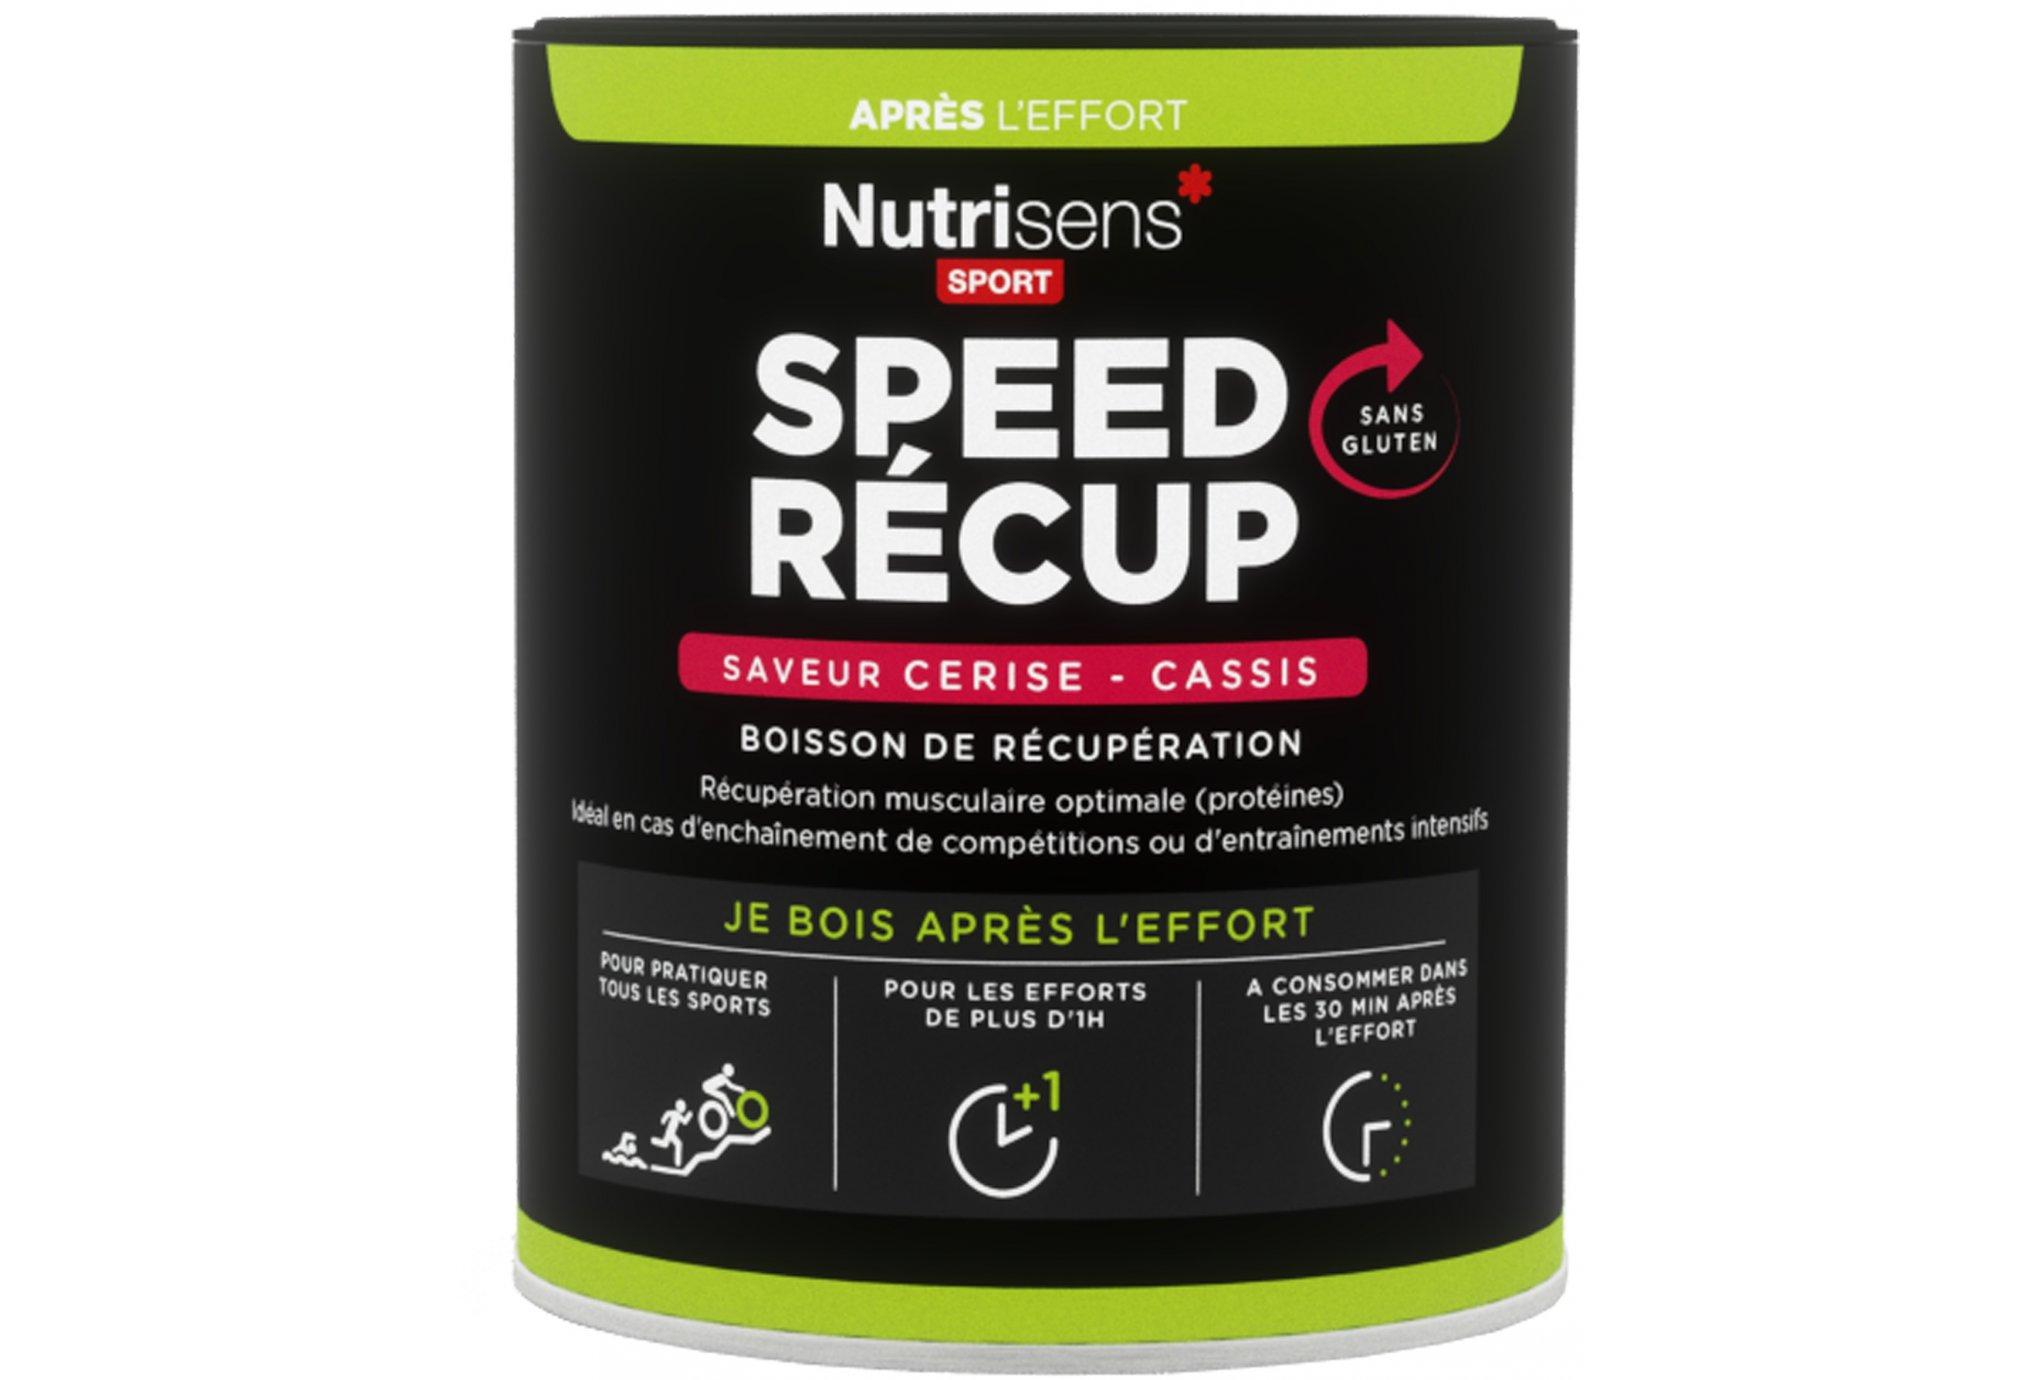 Nutrisens Sport speed récup - cerise/cassis diététique protéines / récupération